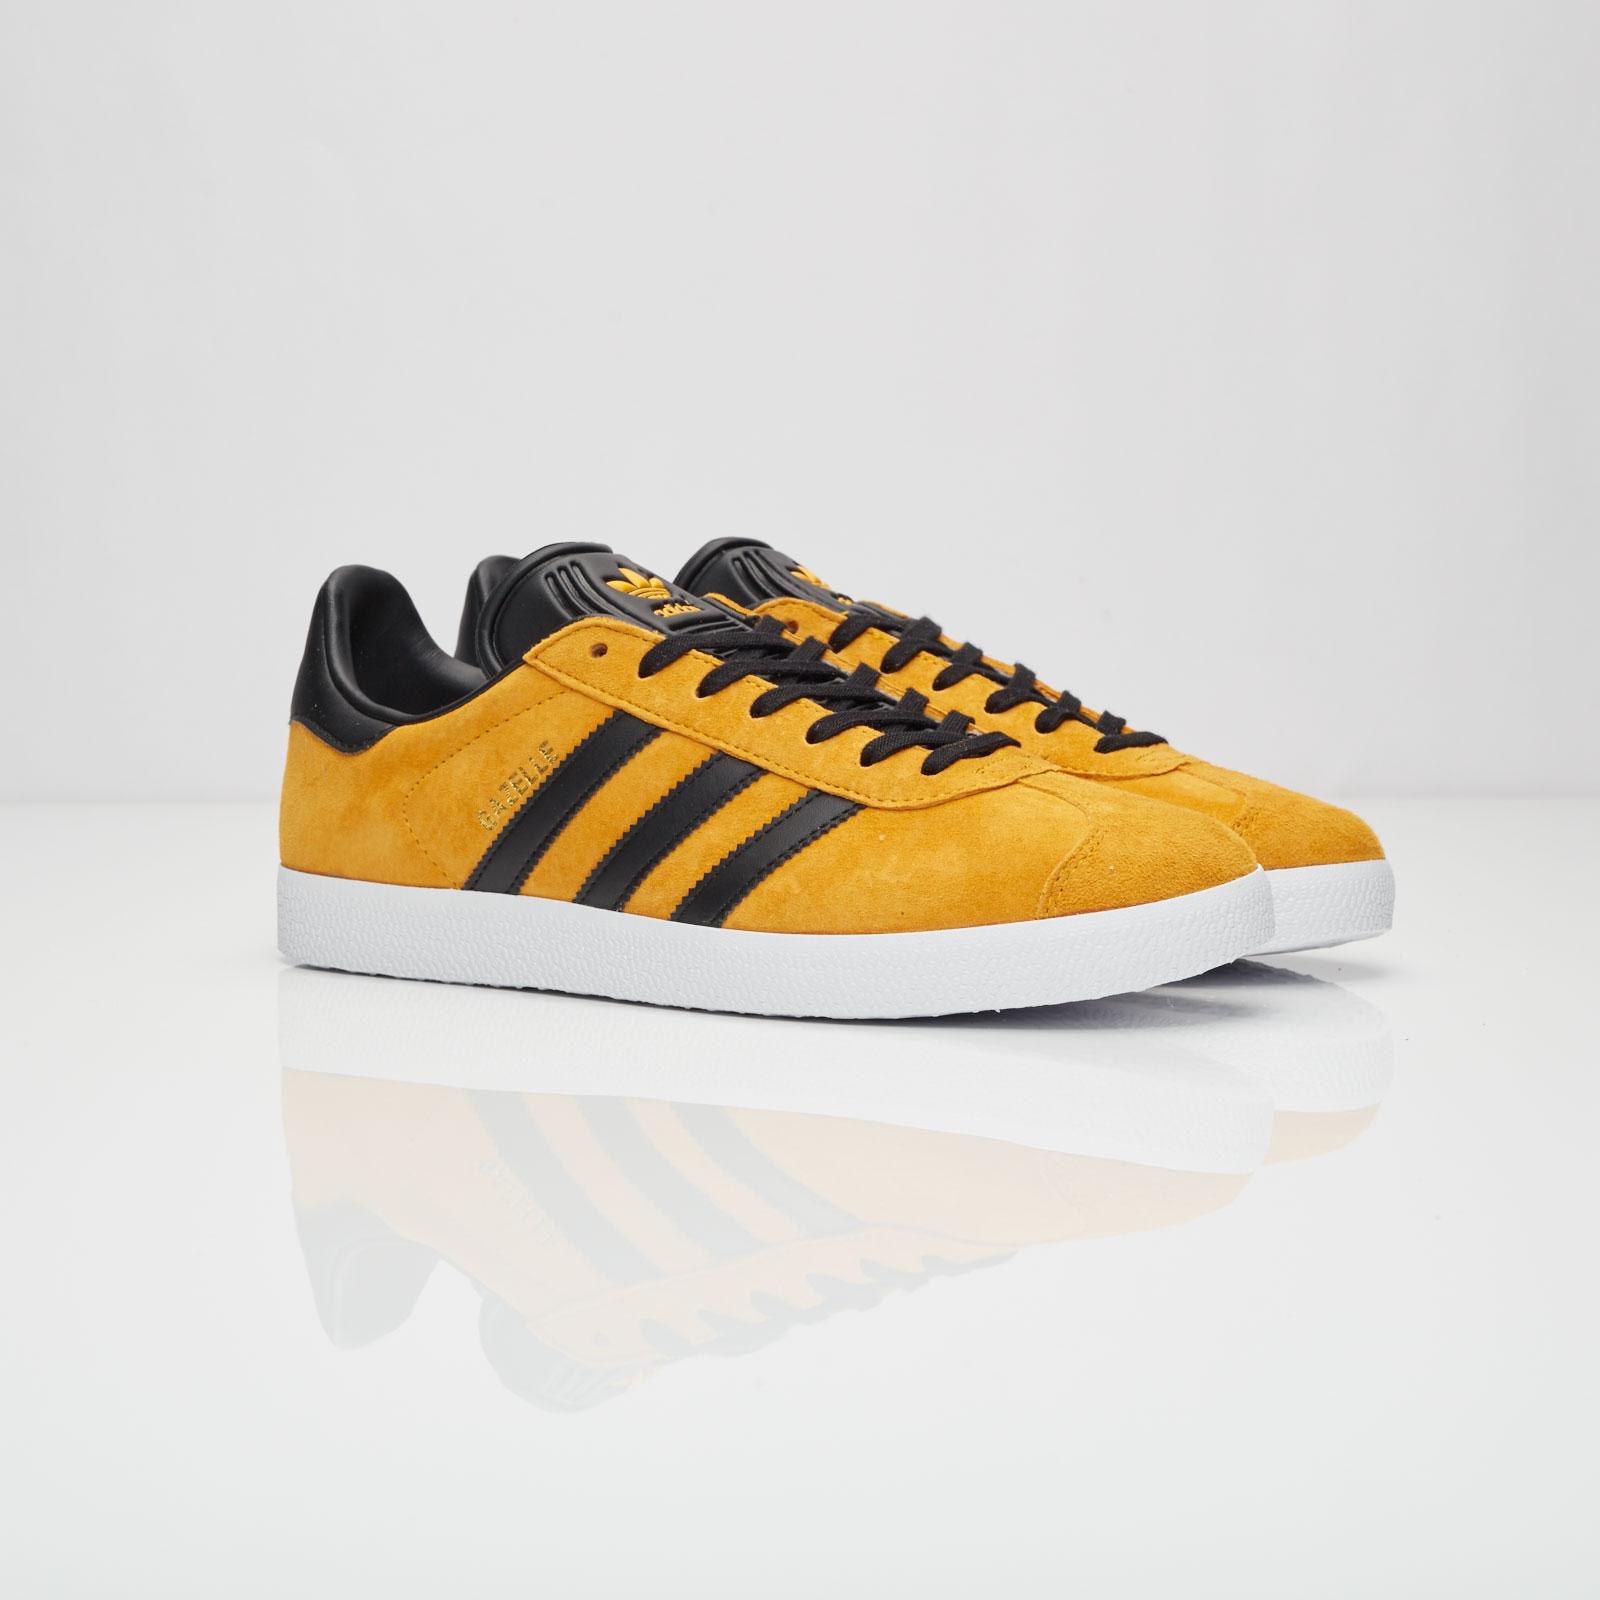 adidas Gazelle - S79979 - SNS | sneakers & streetwear online since ...